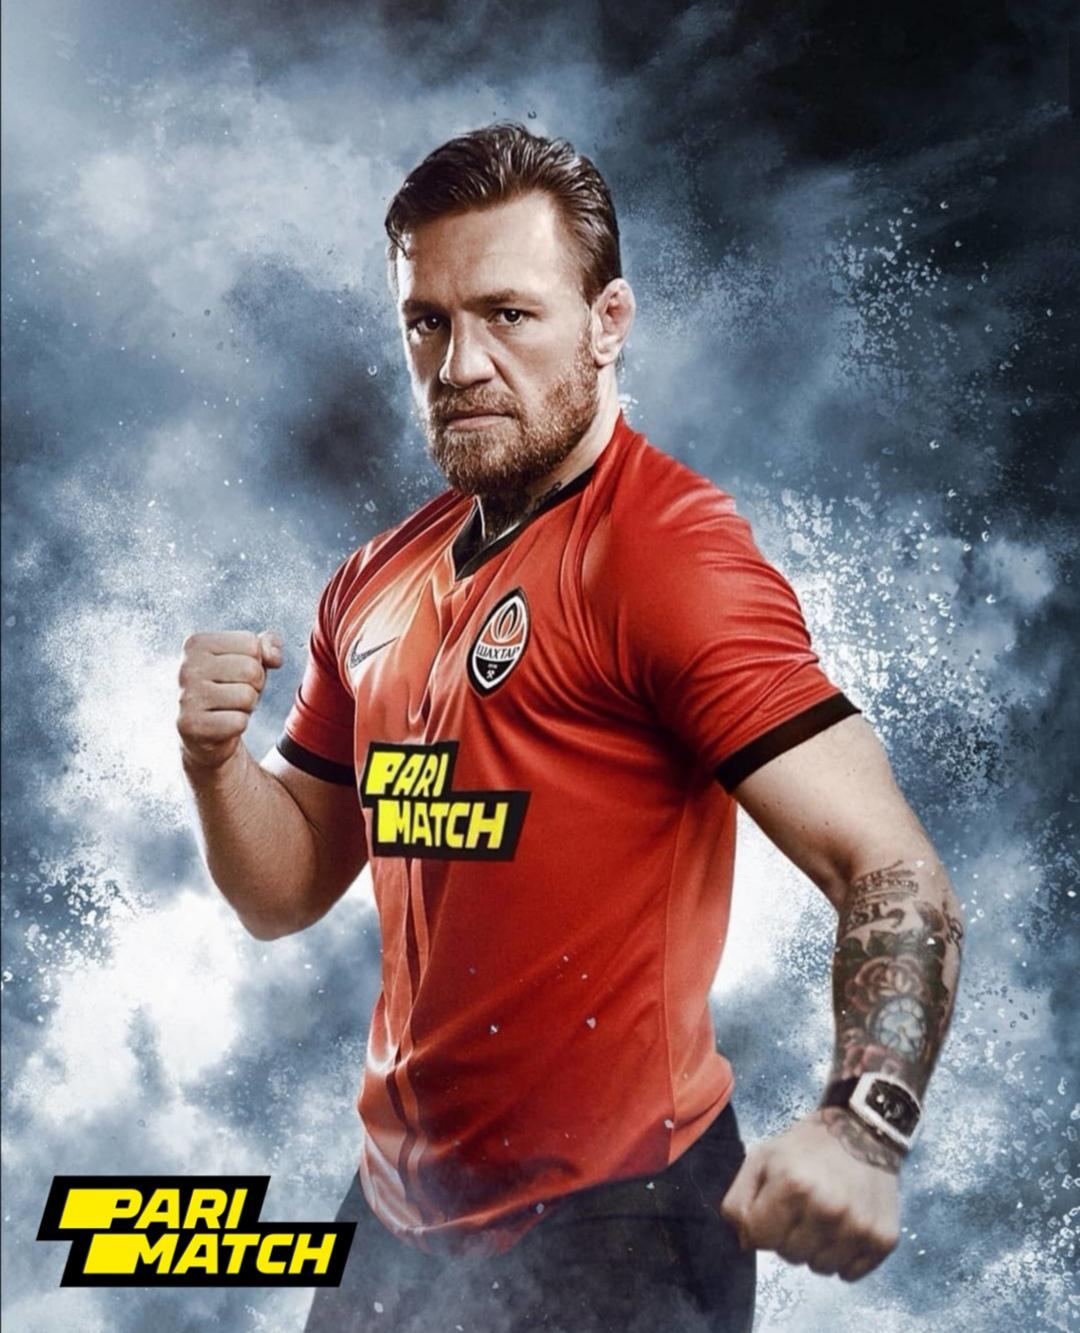 Conor McGregor Pari Match Campaign 2019